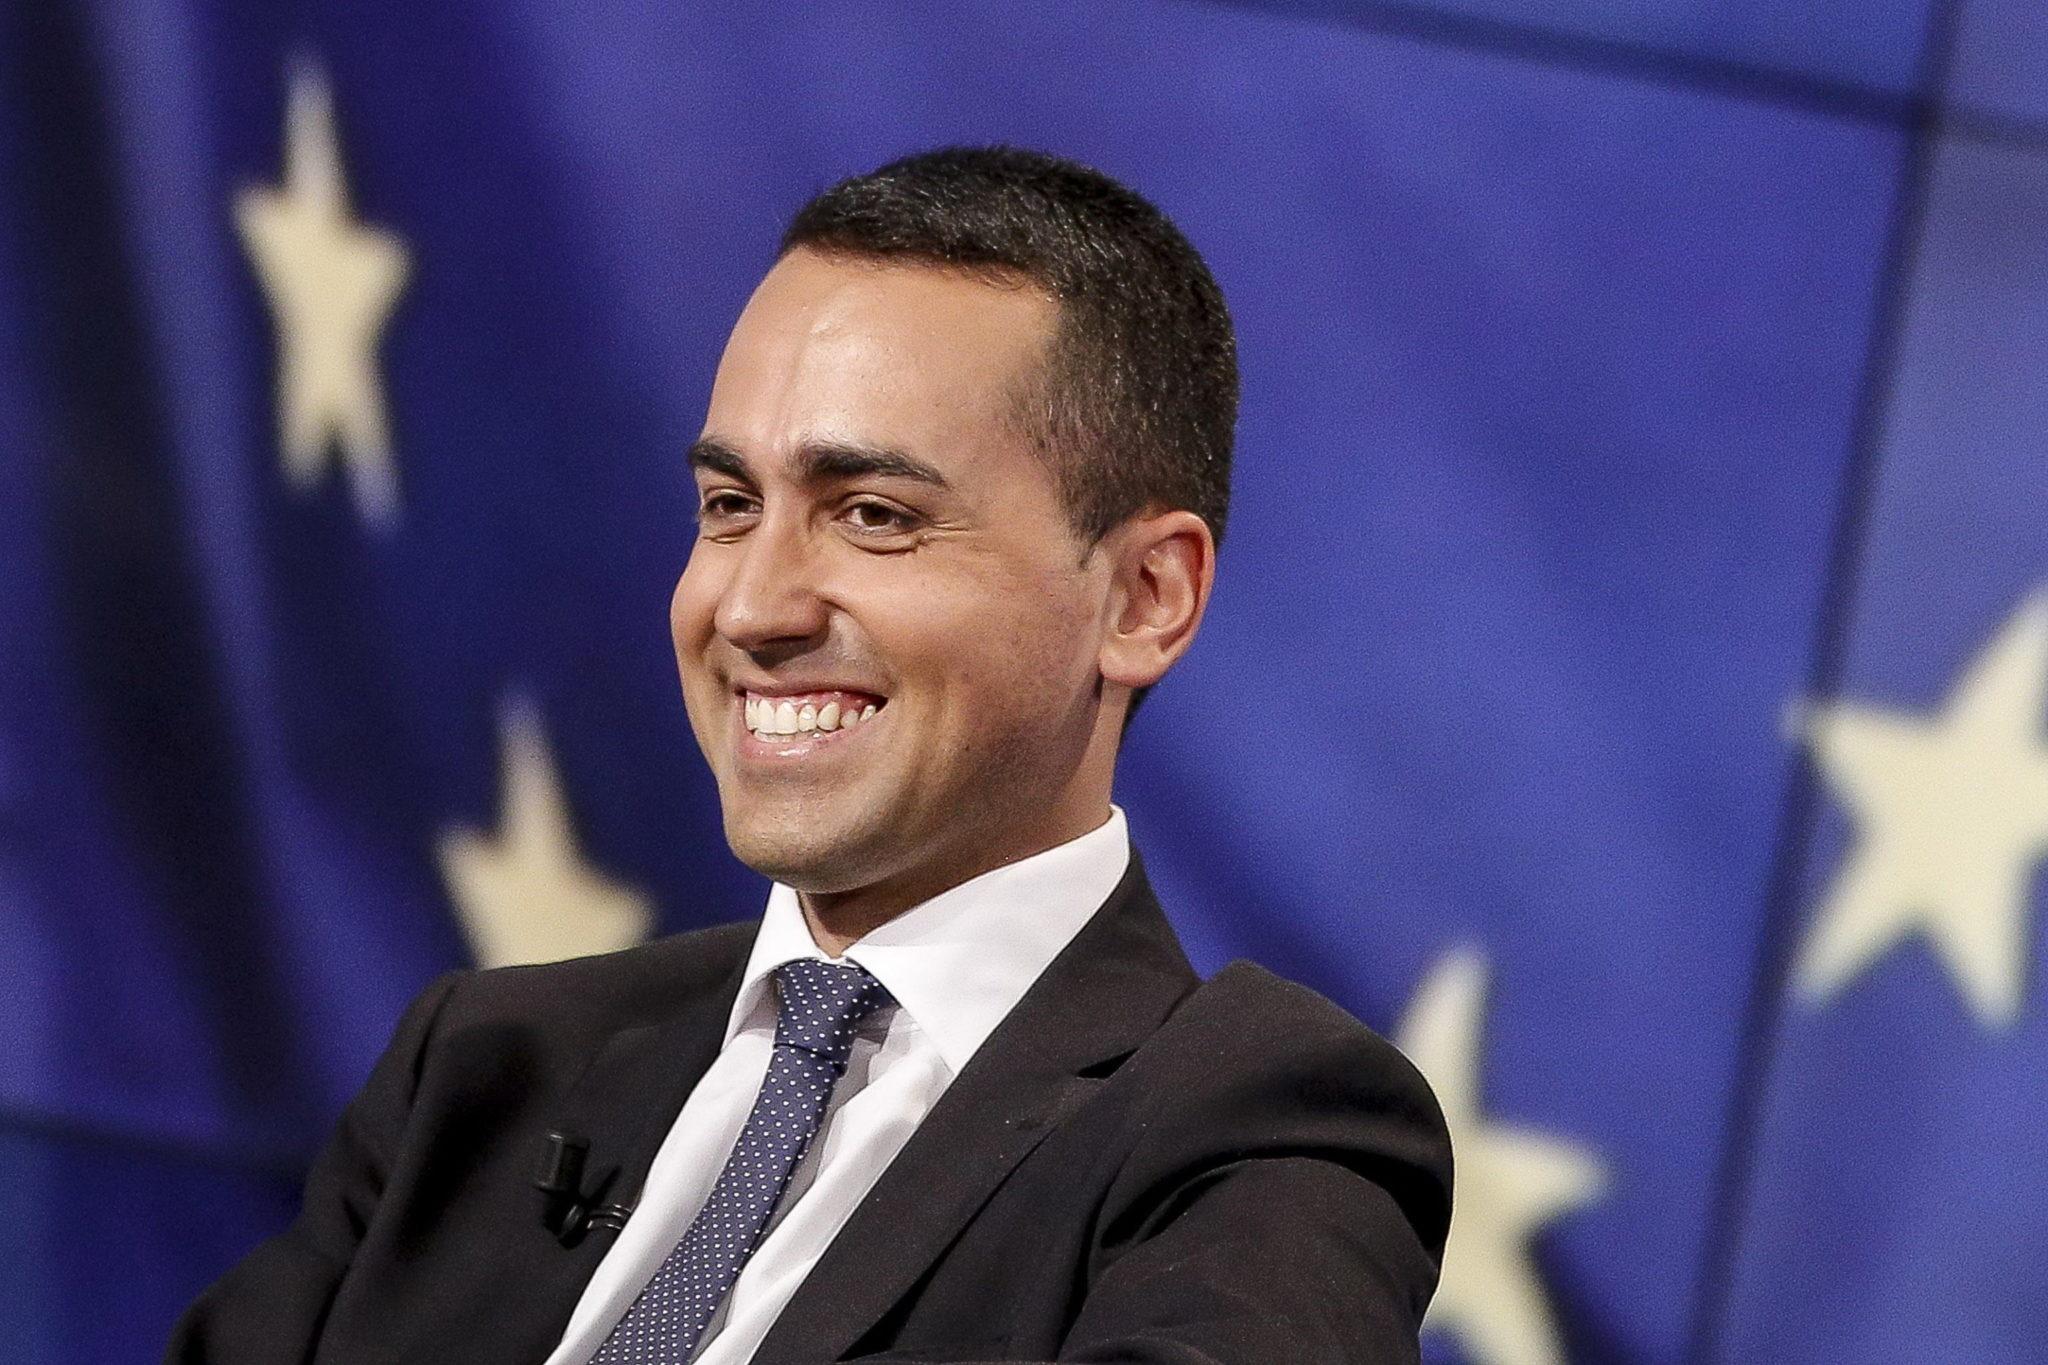 In 5 mesi abbiamo elargito alla Tunisia 61 milioni di euro. <br> In cambio ne abbiamo ottenuto migliaia di clandestini. <br> Affaroni giallorossi.